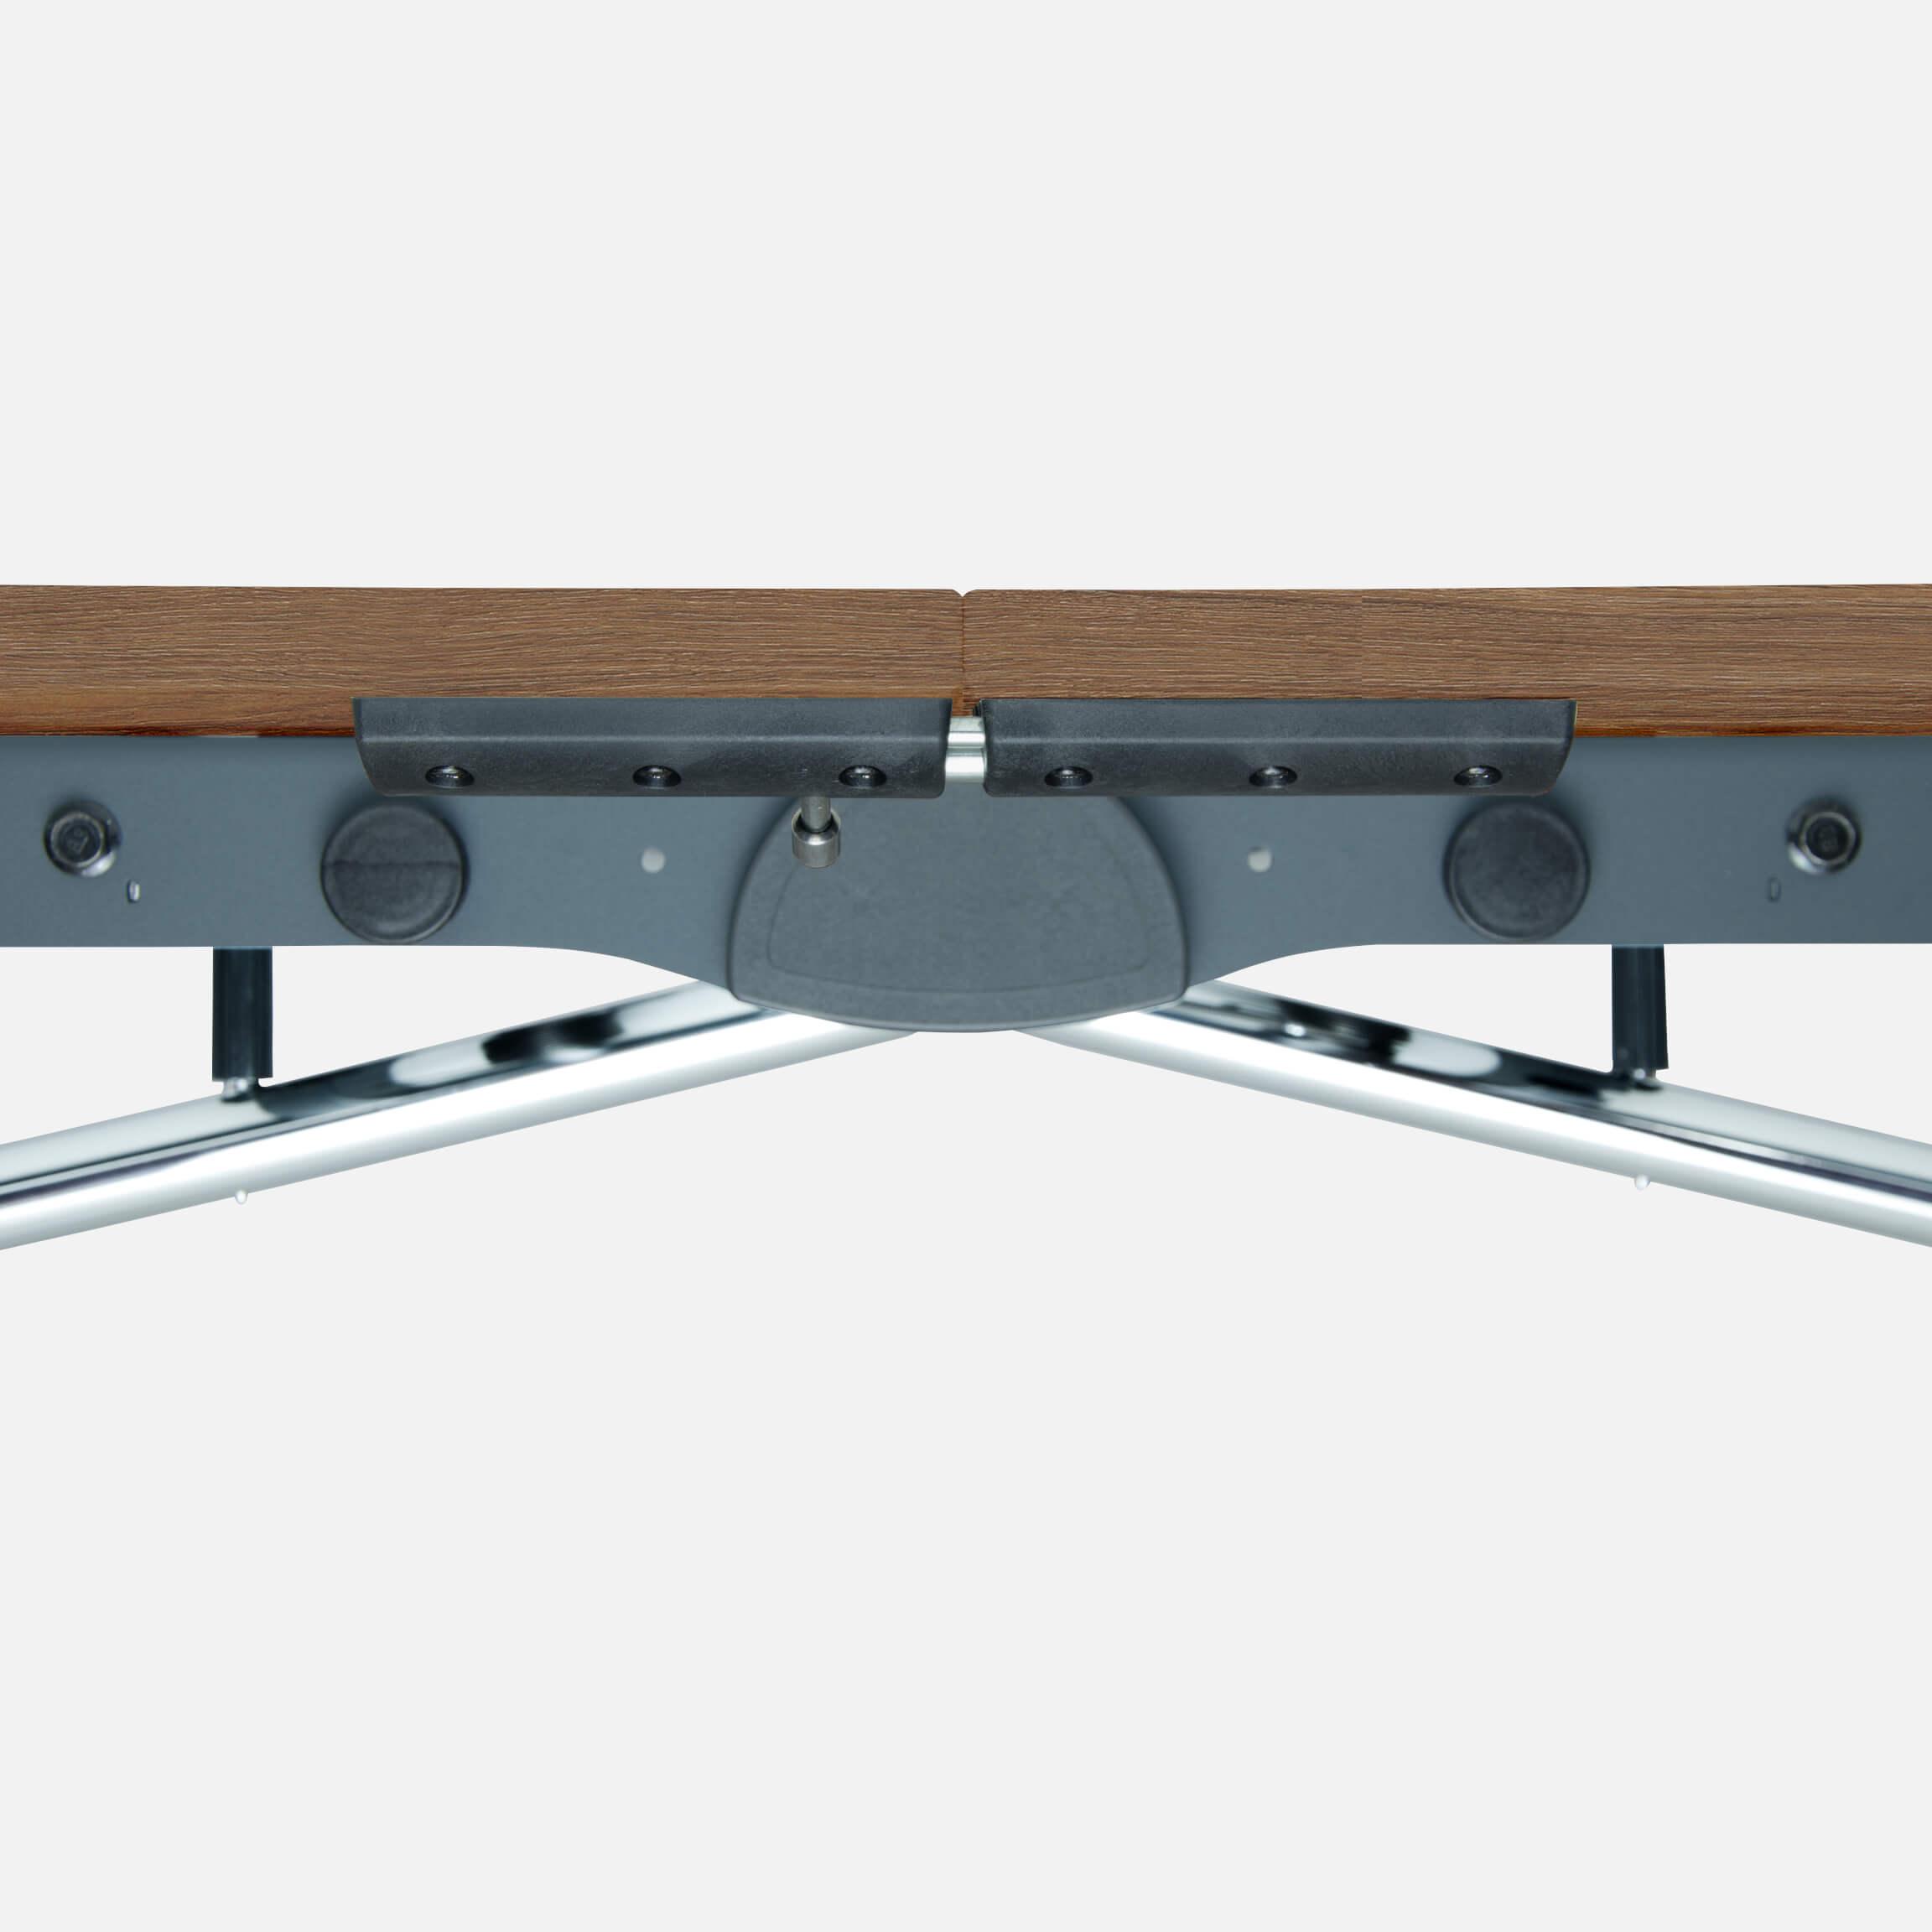 Falttisch Klapptisch 2.800 x 1.000 mm LIBRO Eiche Konferenztisch klappbar rollbar auf Rollen mobil